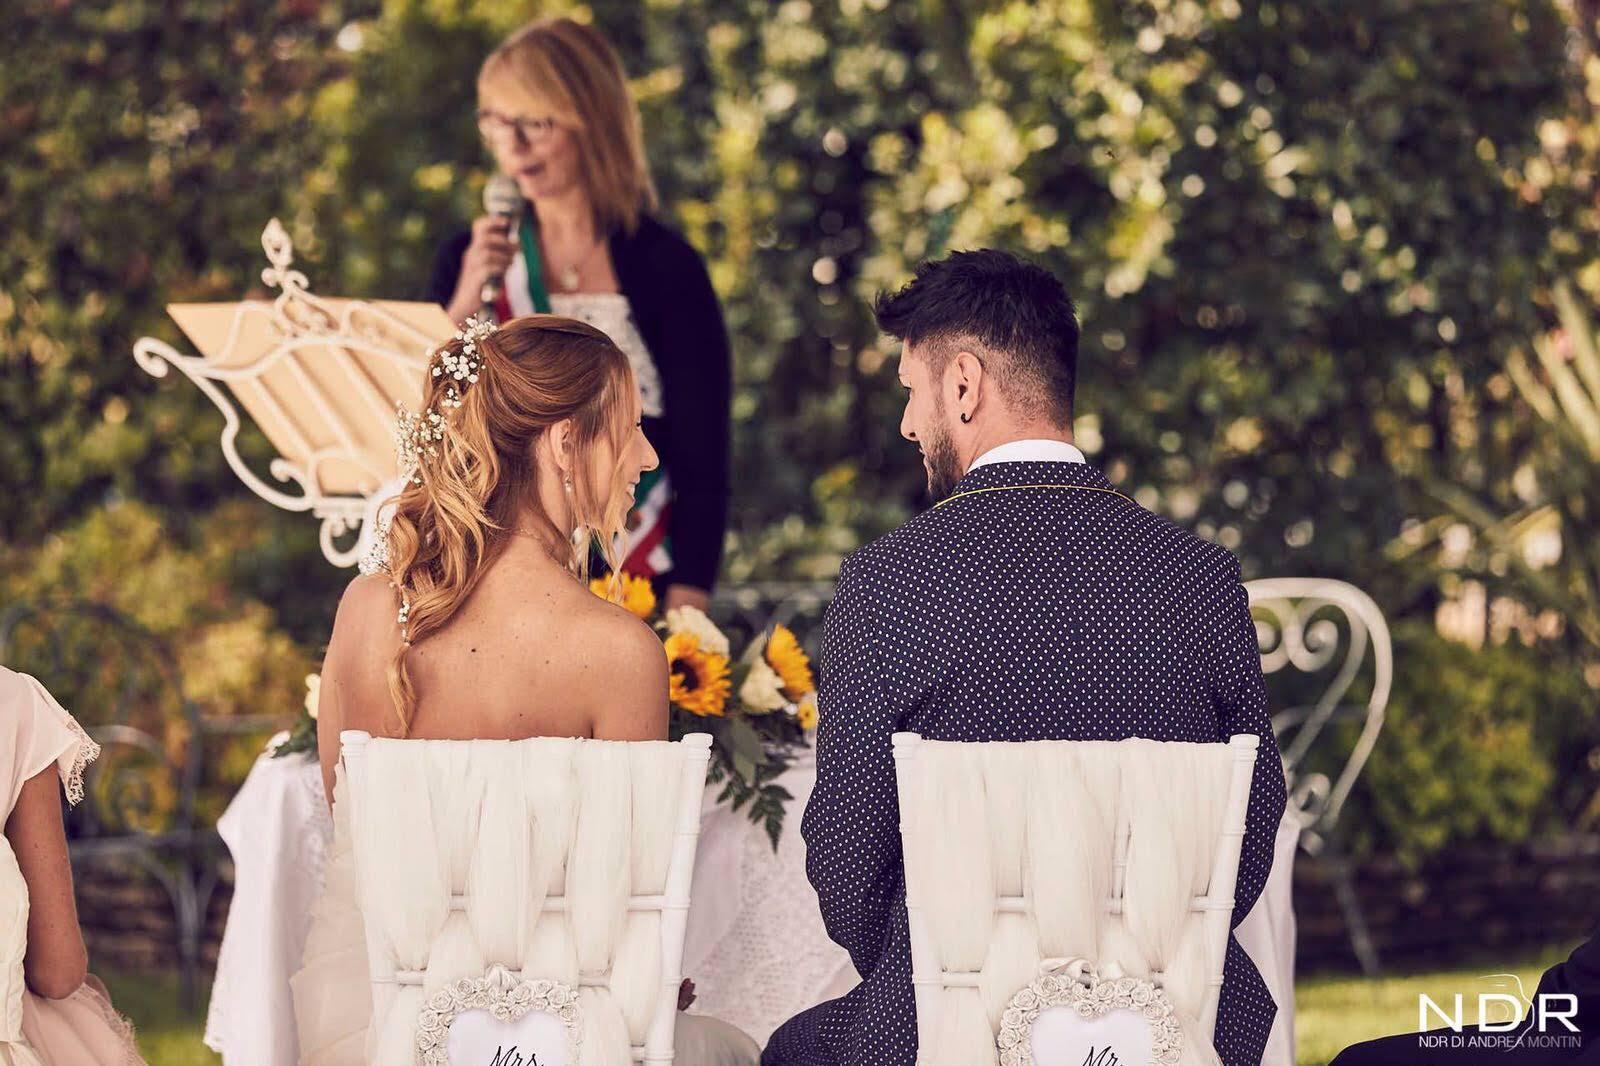 Matrimonio Simbolico Rito Della Luce : Il matrimonio simbolico i rituali più conosciuti